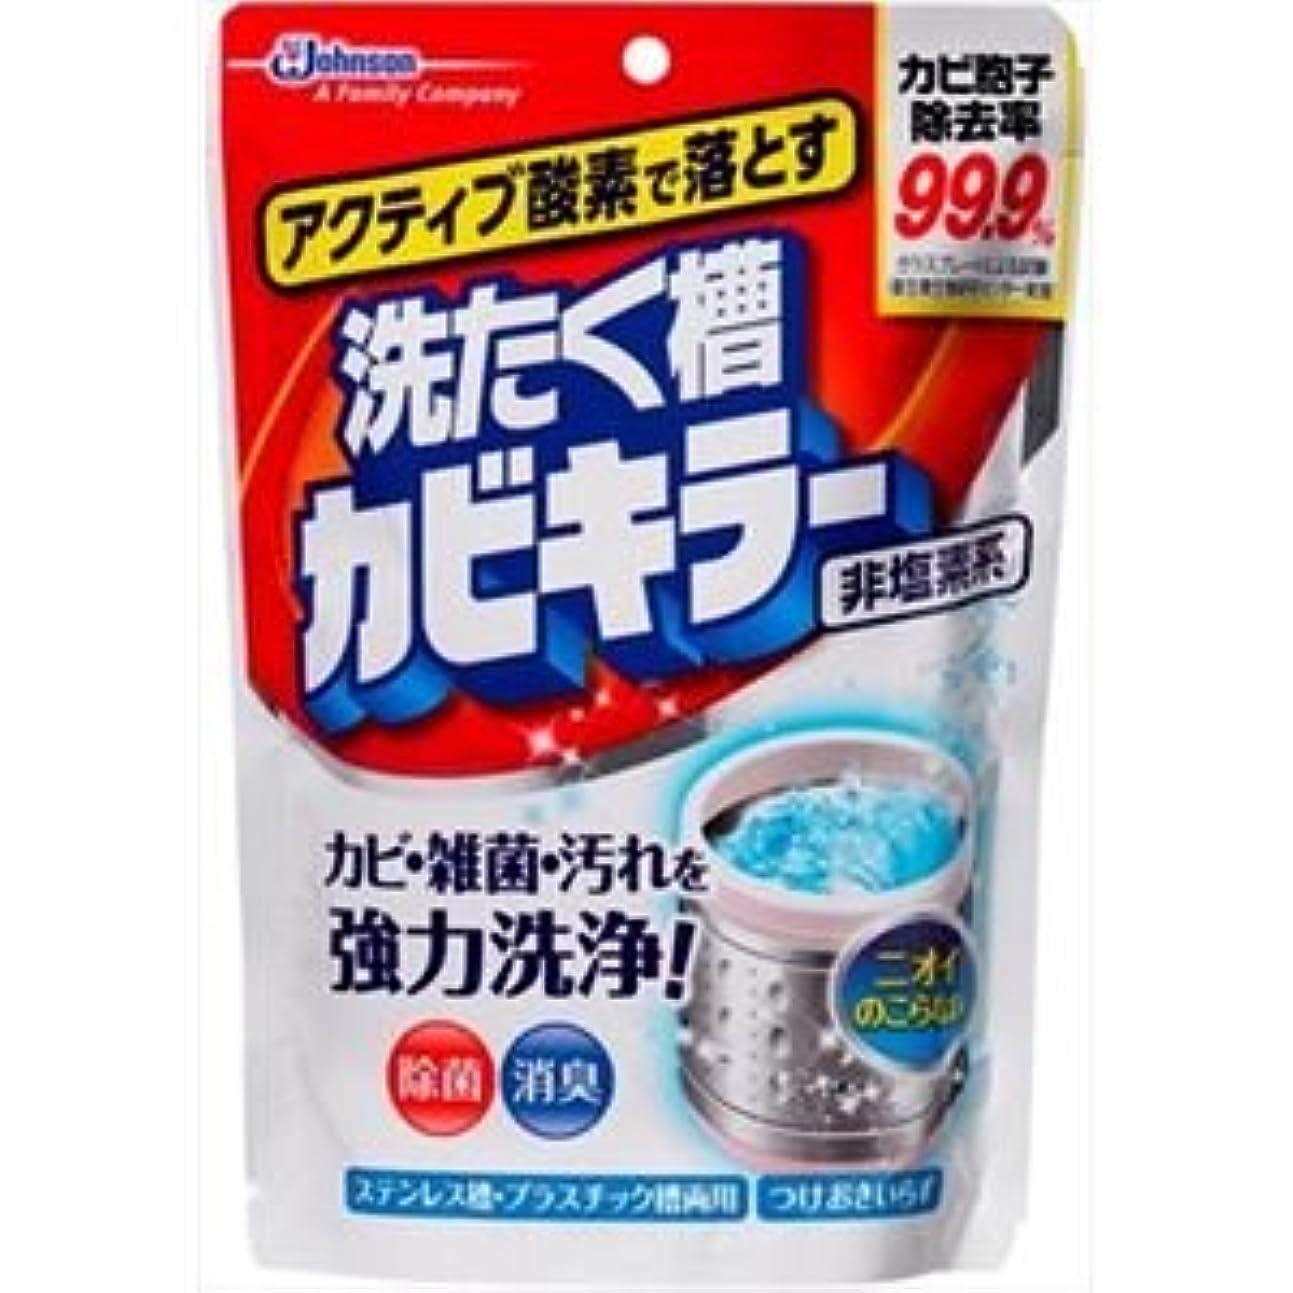 適度にオン抑圧(まとめ)ジョンソン アクティブ酸素で落とす洗濯槽カビキラー250G 【×5点セット】